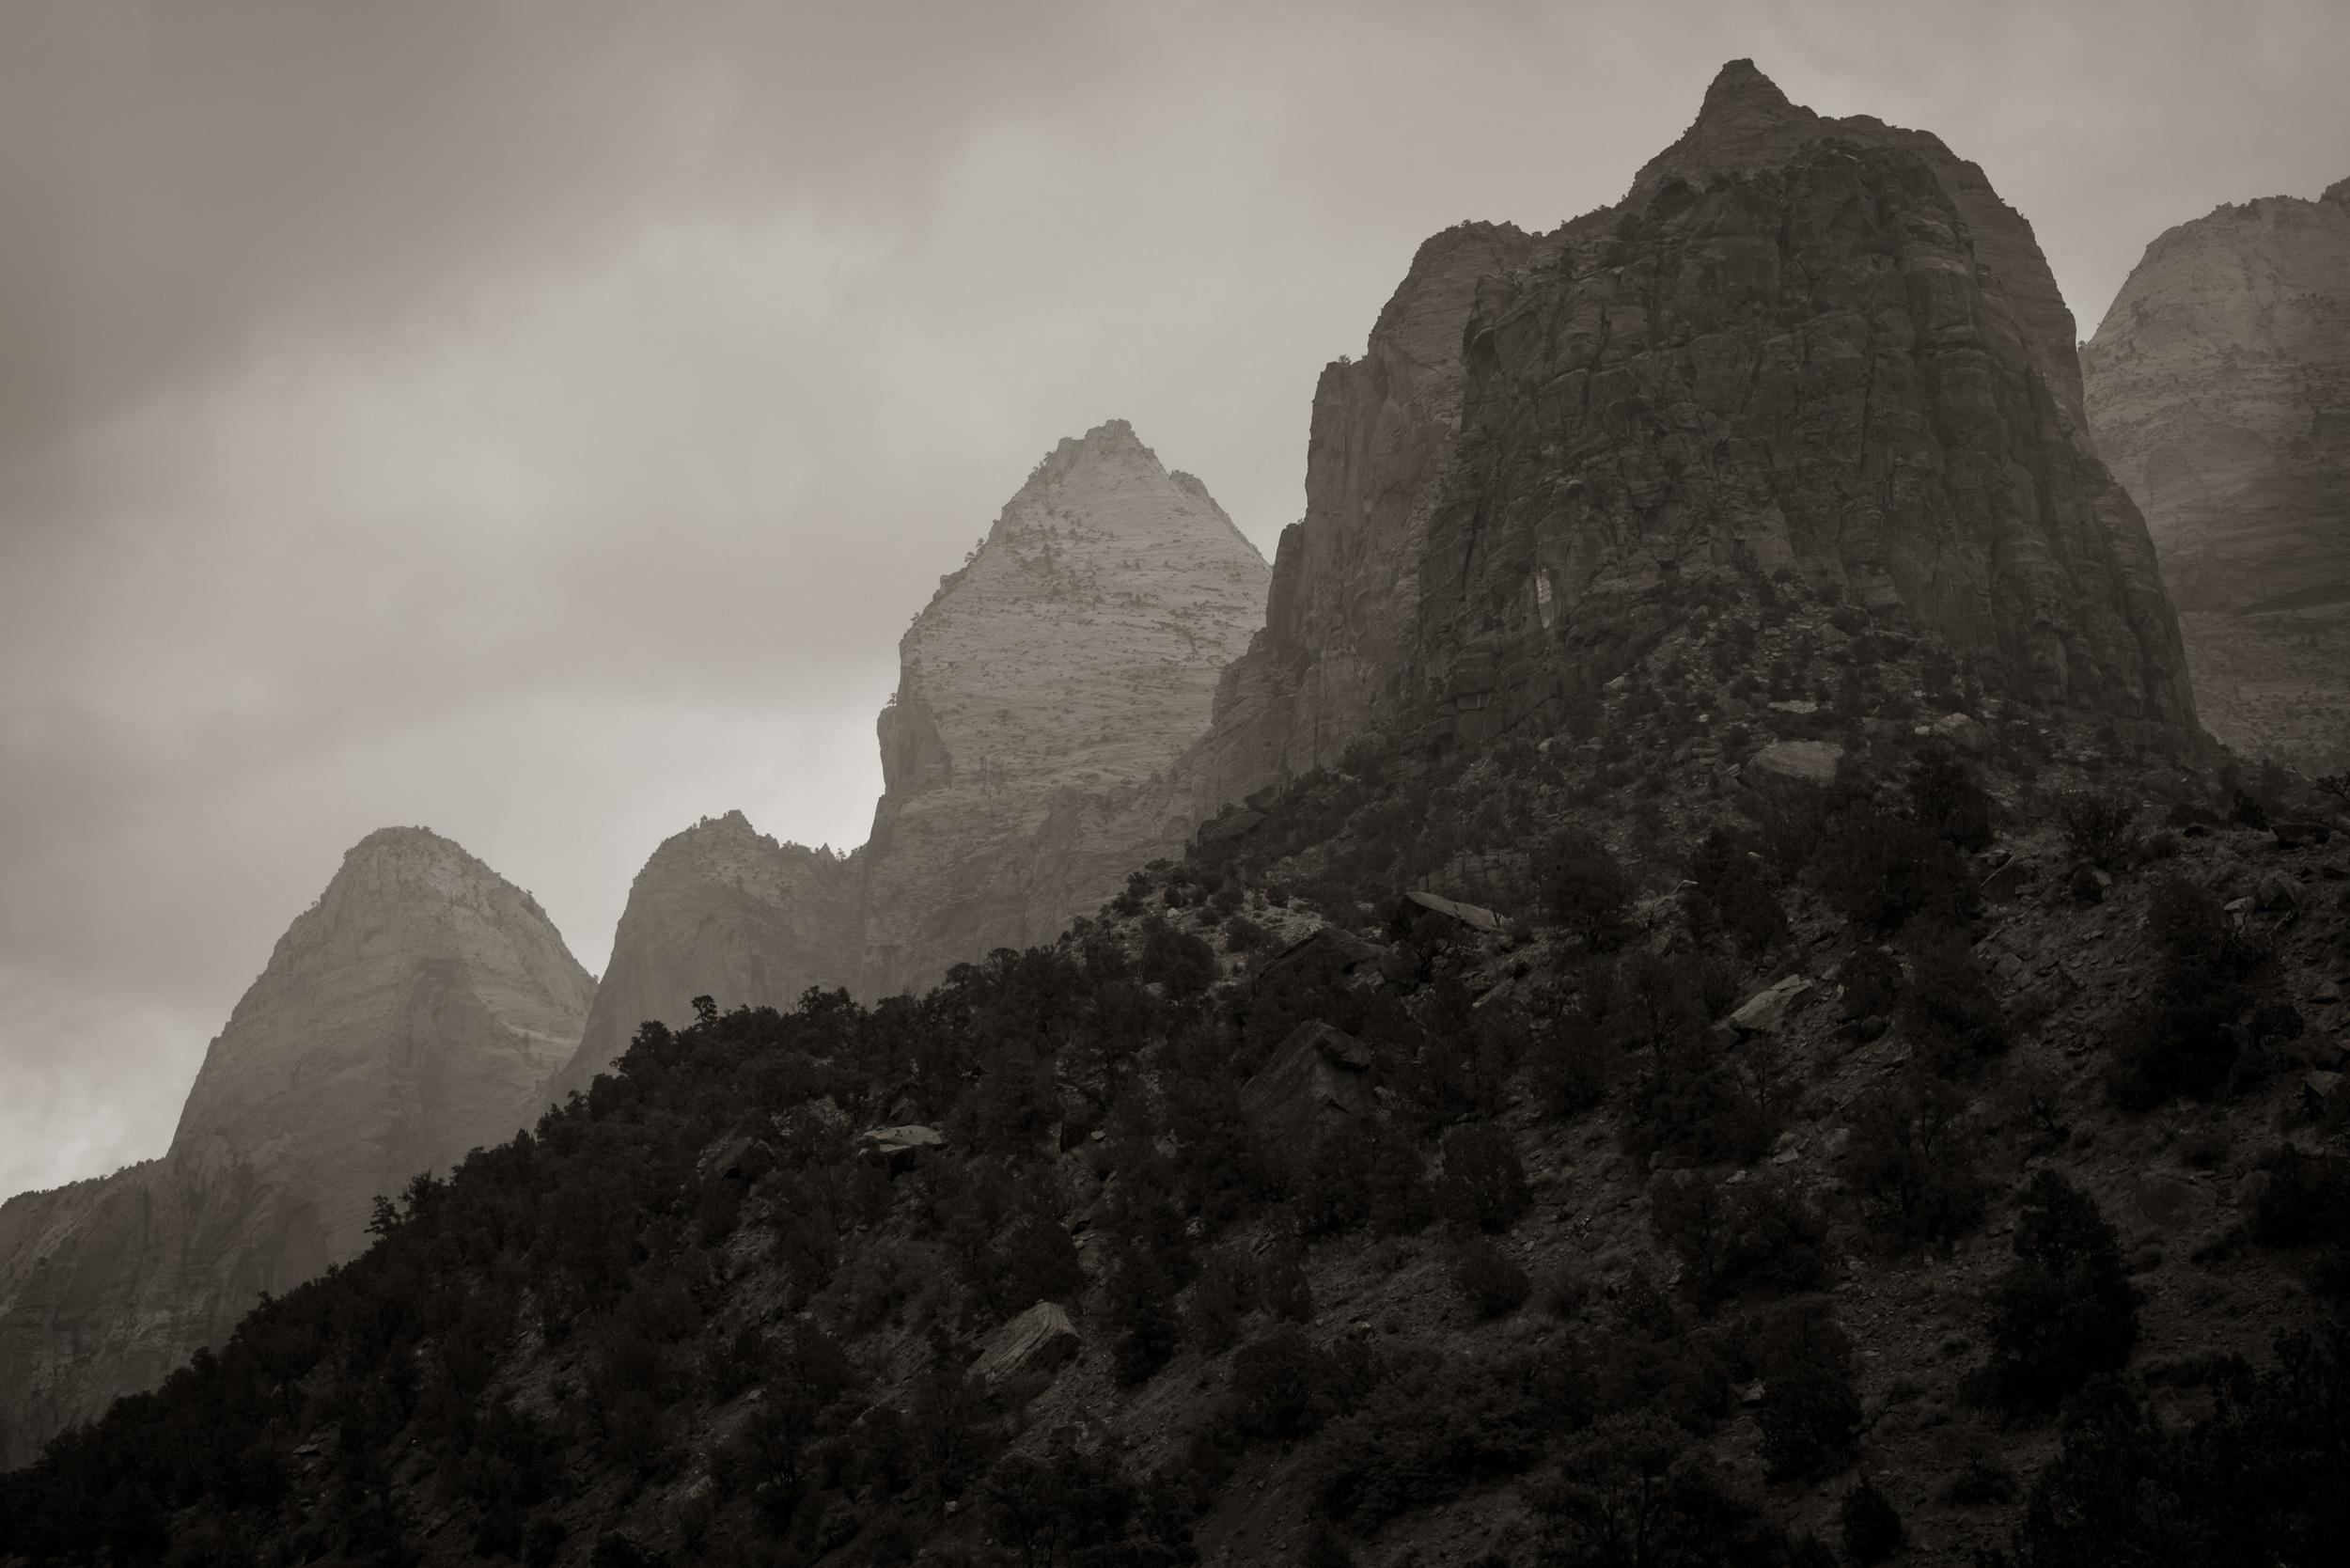 Rain in Zion